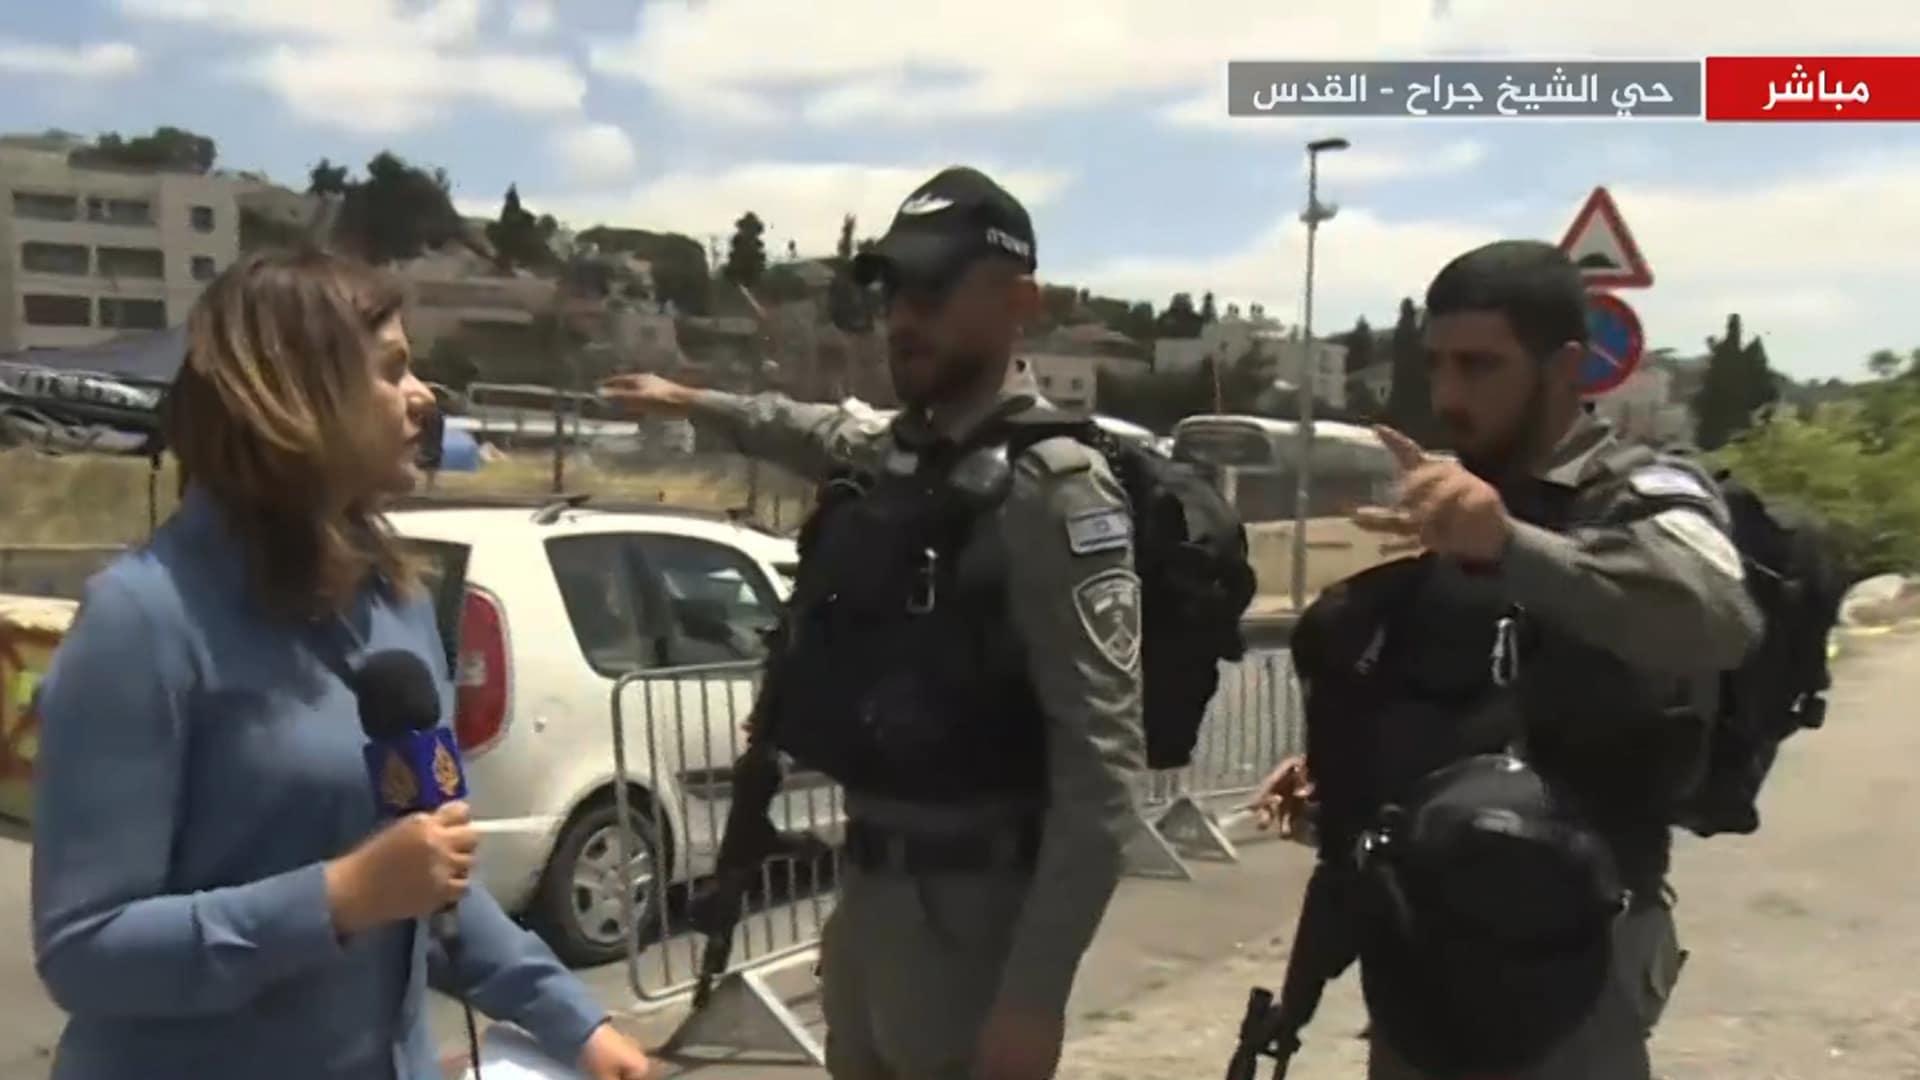 هذا ما فعلته مستوطنة مع مراسلة الجزيرة في القدس شيرين أبو عاقلةأثناء بث مباشر (فيديو)